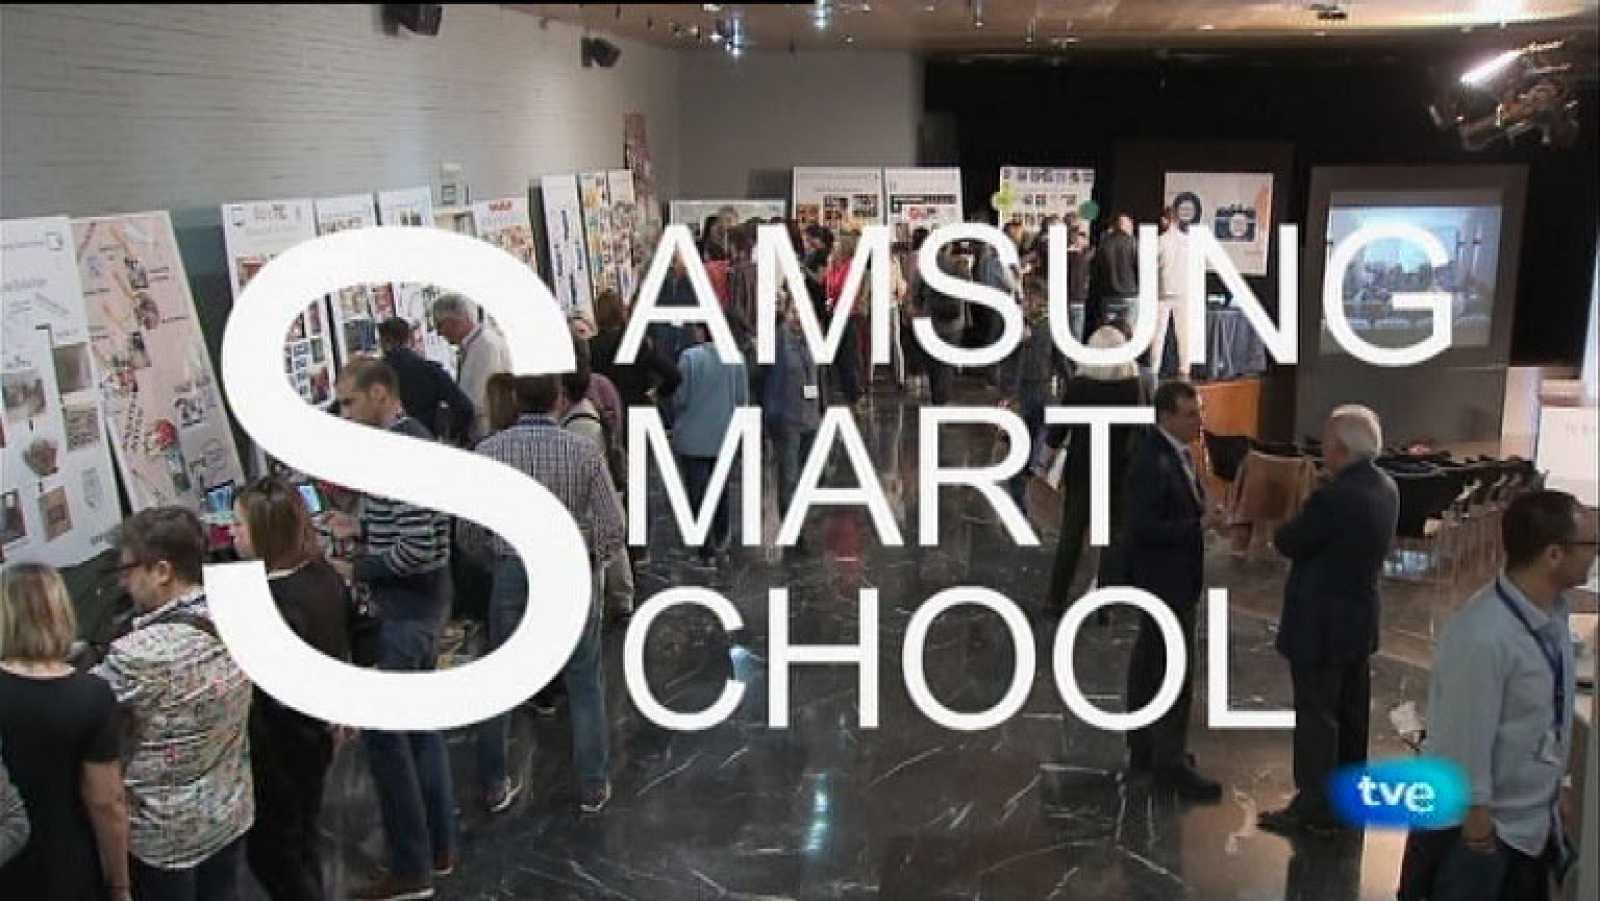 La Aventura del Saber IV Encuentro Smart School tecnología educacion primaria #AventuraSaberEducación